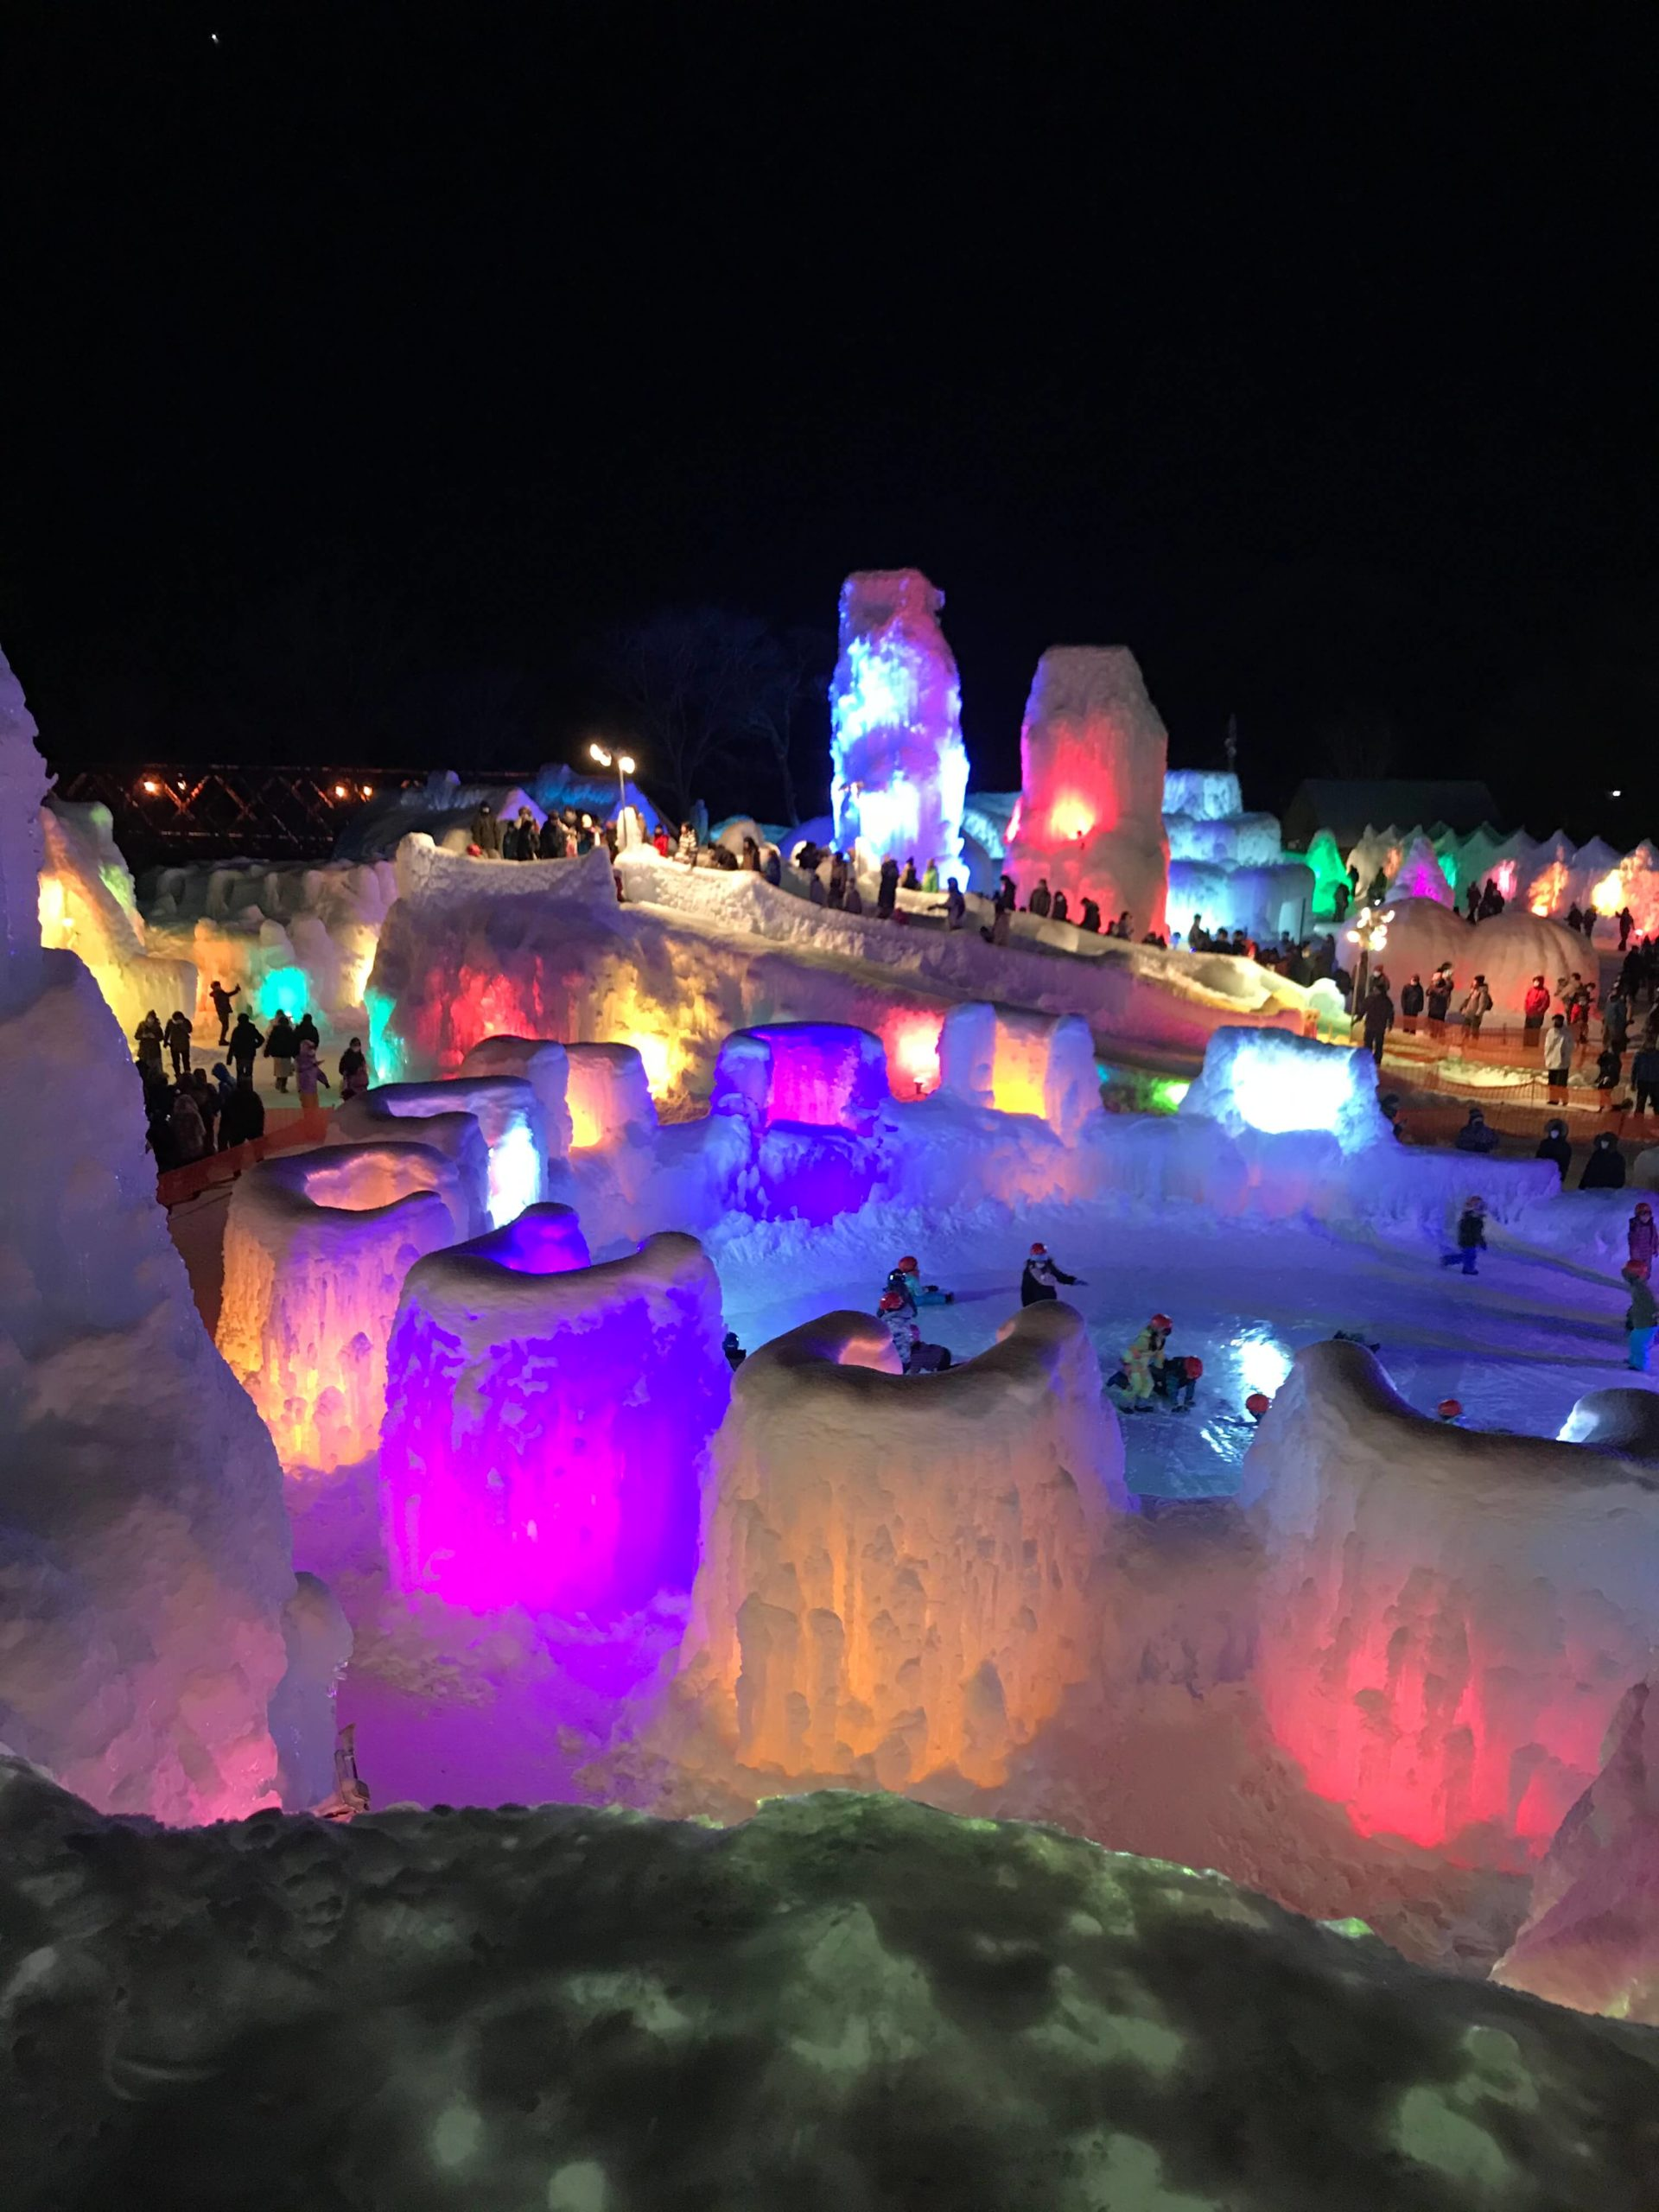 氷 濤 まつり 2021 層雲峡温泉 氷瀑まつり2021-北海道層雲峡観光協会